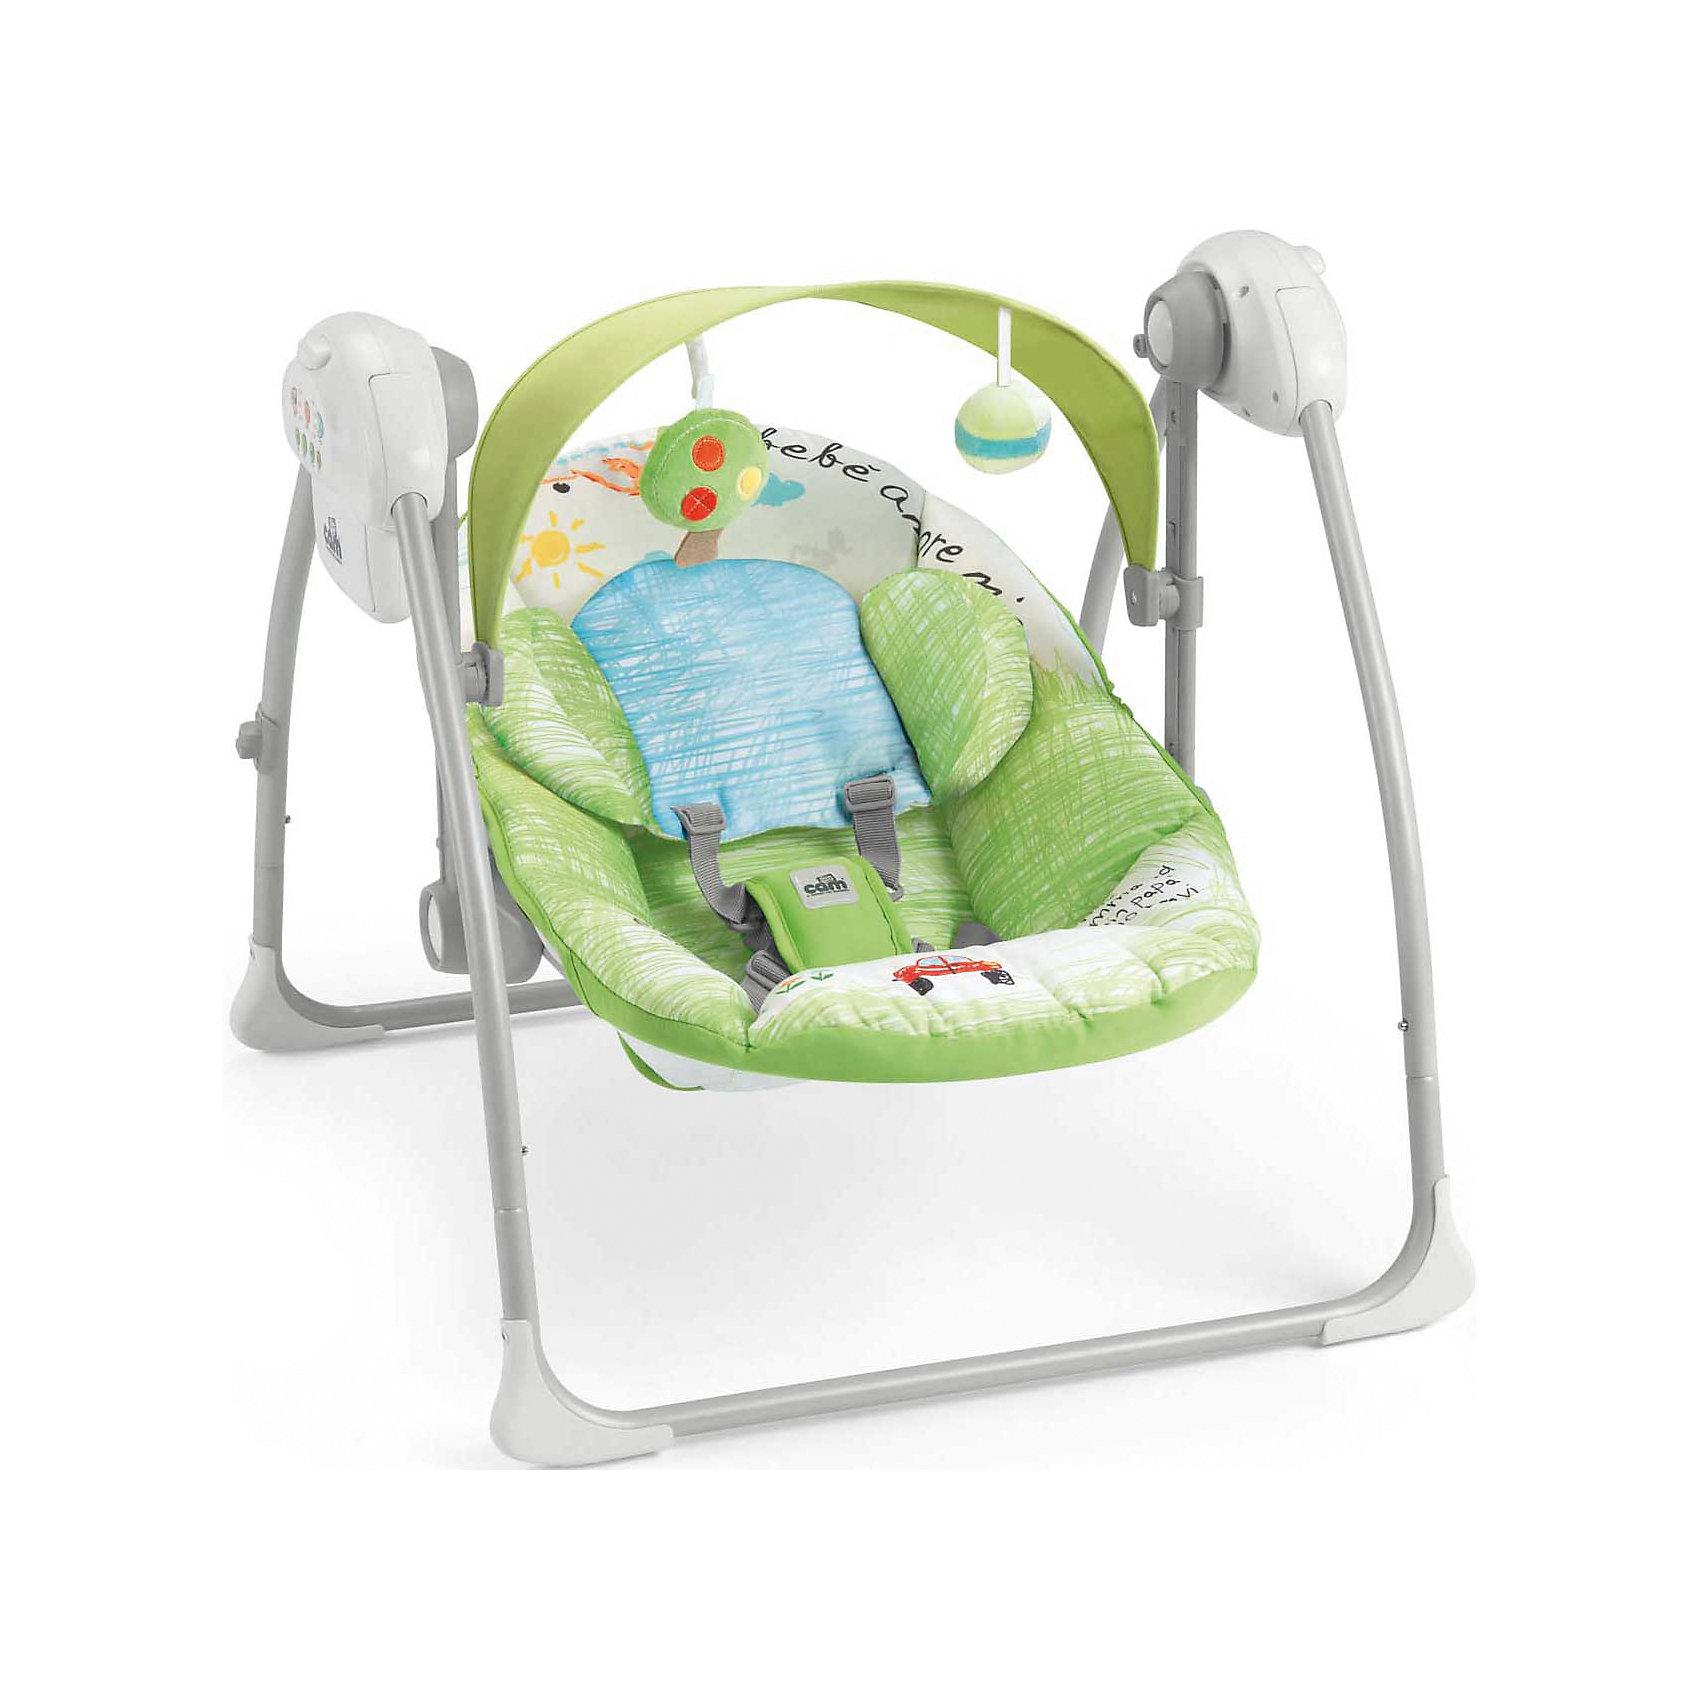 Качели-шезлонг Sonnolento, CAM, Bebe amore mioКачели-шезлонг подходят для детей  с самого рождения. Модель имеет удобную спинку с 5 положениями, мягкое сиденье и мягкий подголовник для еще большего комфорта малыша. Летний козырек от солнца с двумя съёмными игрушками, регулируется по высоте в 2-х положениях. Пятиточечные страховочные ремни обеспечат безопасность крохи.  Очень легкая и компактная модель быстро складывается и раскладывается, занимает мало места при хранении и транспортировке.  Три скорости качания, 5 колыбельных мелодий и 3 различных варианта звуков природы успокоят малыша, настроив его на комфортный отдых. Шезлонг изготовлен из прочных, высококачественных материалов, безопасен для детей. <br><br>Дополнительная информация:<br><br>-Размеры в разложенном виде: 61,5 x 64 x 58 см. <br>- Размеры в сложенном виде: 61,5 x 26 x 63 см. <br>- Вес: 4 кг.<br>- Максимальный вес ребенка: 9 кг. <br>- Материал: пластик, металл, текстиль. <br>- Регулировка козырька в 2 положениях.<br>- 2 мягкие игрушки. <br>- Мягкое сиденье и подголовник.<br>- Регулируемая в 5 положениях спинка.<br>- 5 колыбельных мелодий, 3 вариации звуков природы. <br>- 3 скорости качания.<br>- Таймер с автоматическим выключением (8-15-30 мин).<br>- Регулировка громкости.<br>- Ножки с нескользящими резиновыми вставками<br>- Если заблокировать сиденье, можно использовать как колыбель.<br>- Съемный чехол (возможна машинная стирка при 30?). <br>- Питание от батареек (4 батареи - 1,5 вольт, не входят в комплект) <br><br>Качели-шезлонг Sonnolento, CAM, Bebe amore mio можно купить в нашем магазине.<br><br>Ширина мм: 440<br>Глубина мм: 415<br>Высота мм: 640<br>Вес г: 5200<br>Цвет: зеленый<br>Возраст от месяцев: 0<br>Возраст до месяцев: 72<br>Пол: Унисекс<br>Возраст: Детский<br>SKU: 4443745